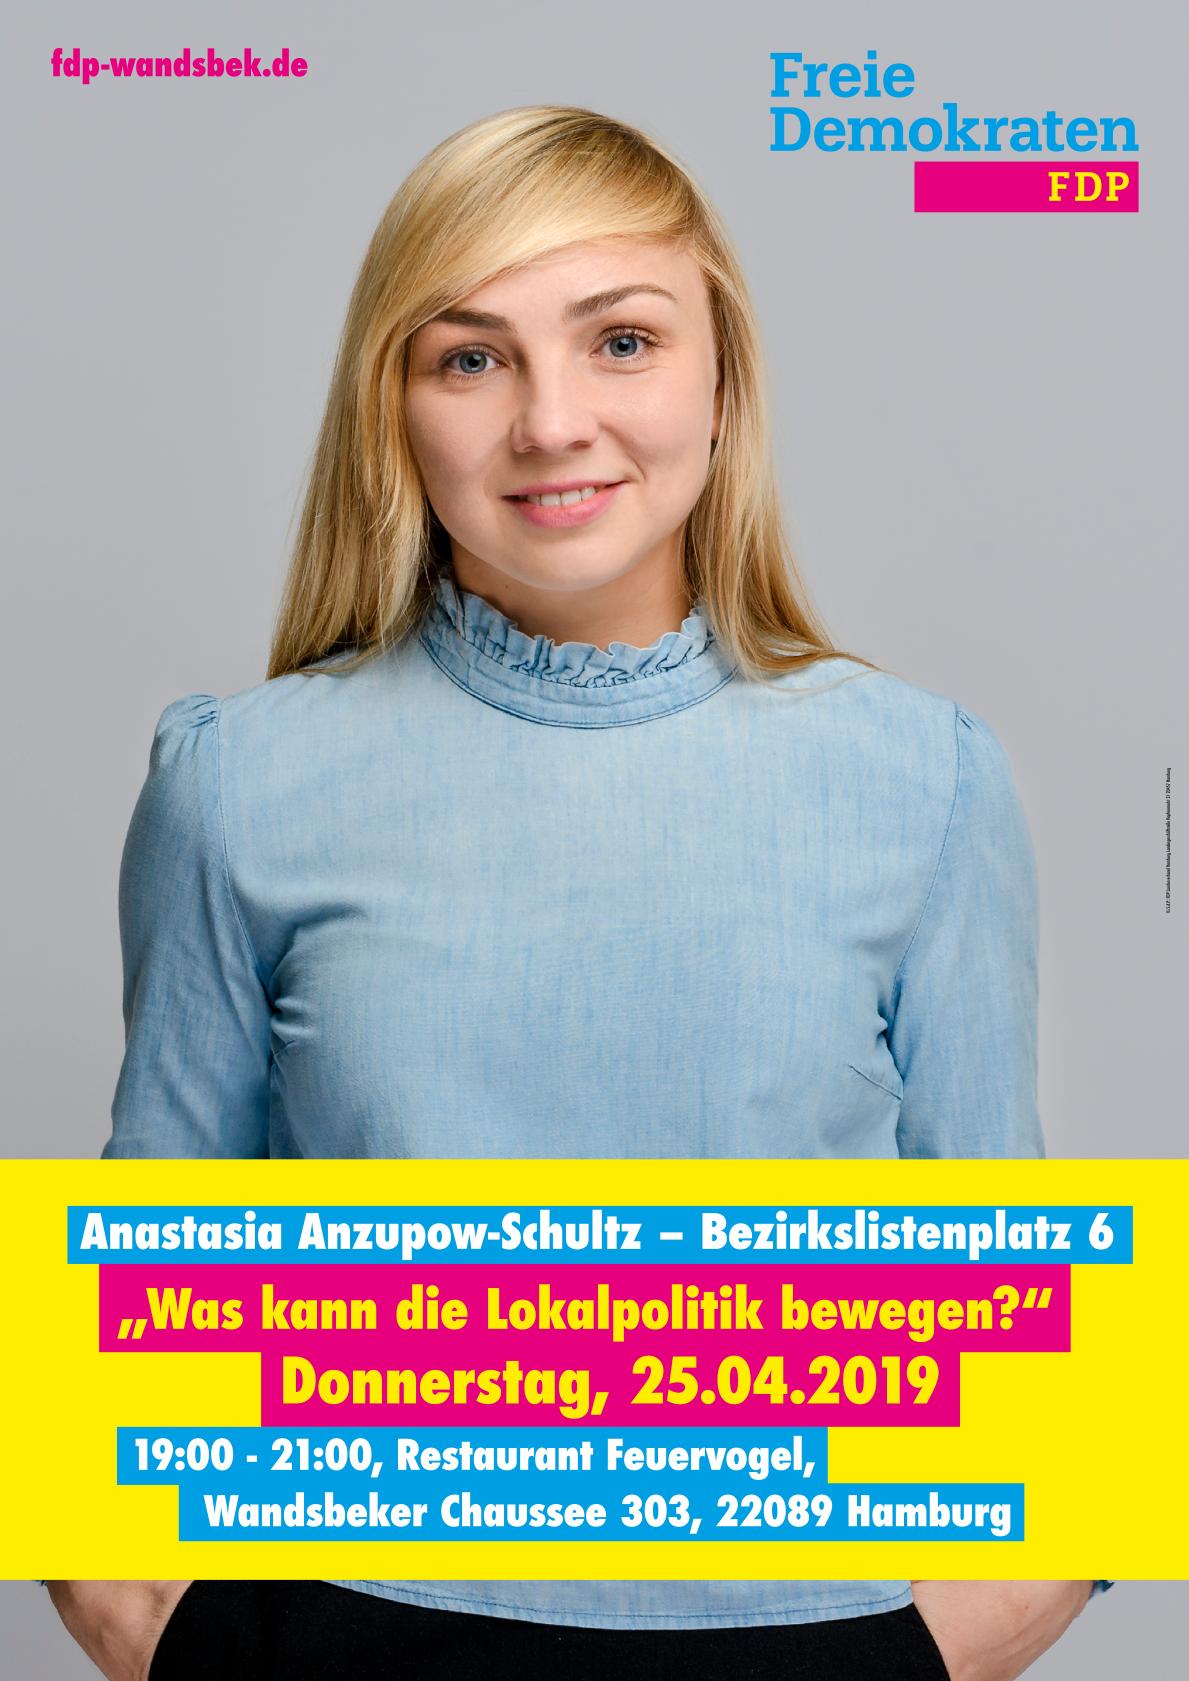 Veranstaltung FDP Anzupow-Schultz 25.04.2019 Feuervogel